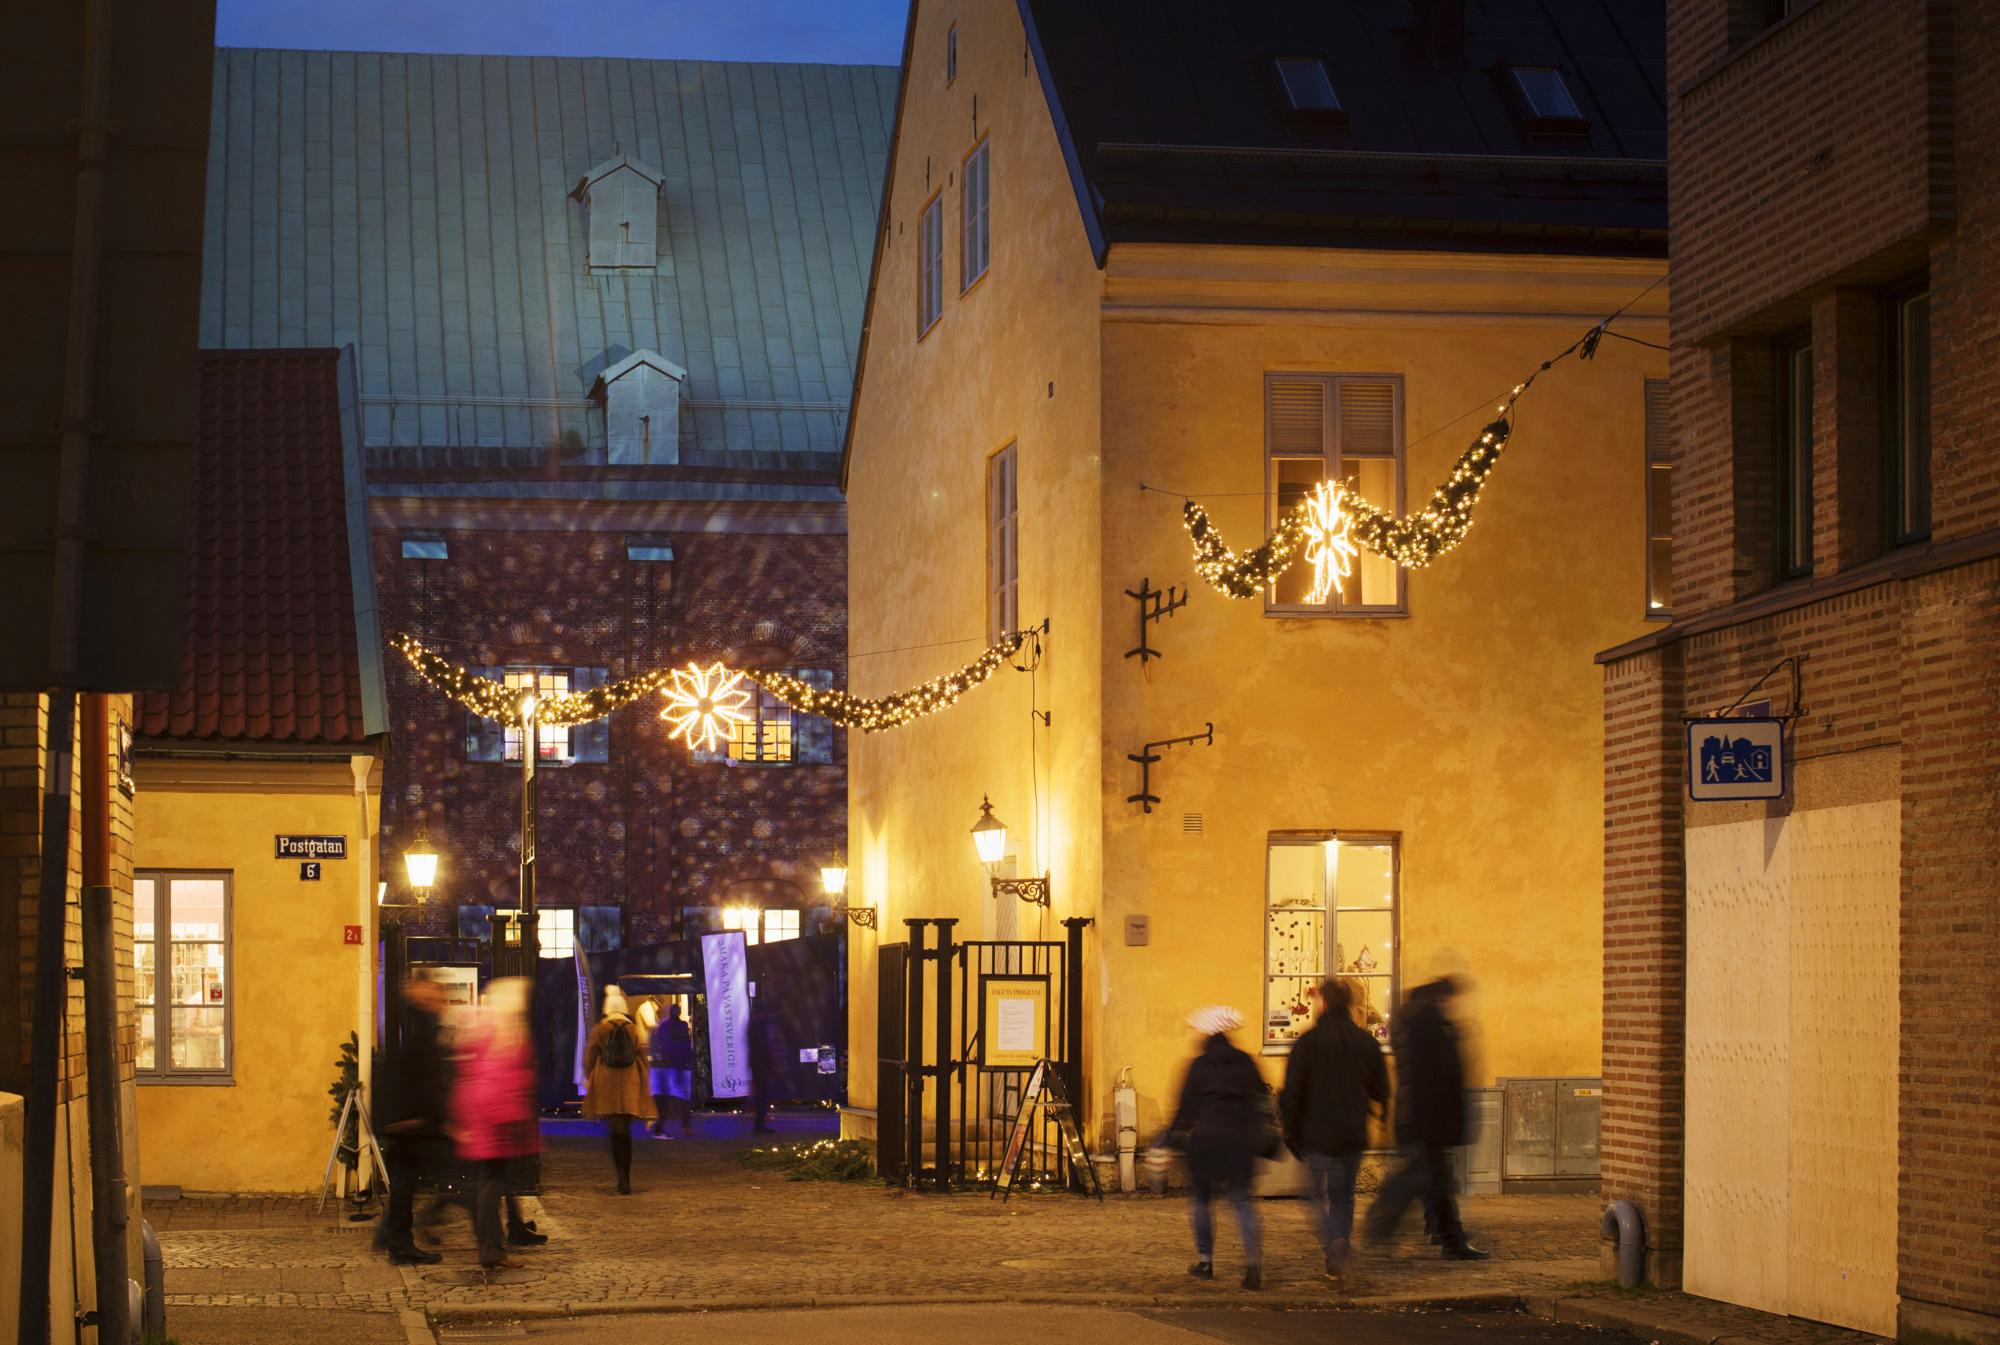 Människor i rörelse framför ett julpyntat Kronhuset & Kronhusbodarna.